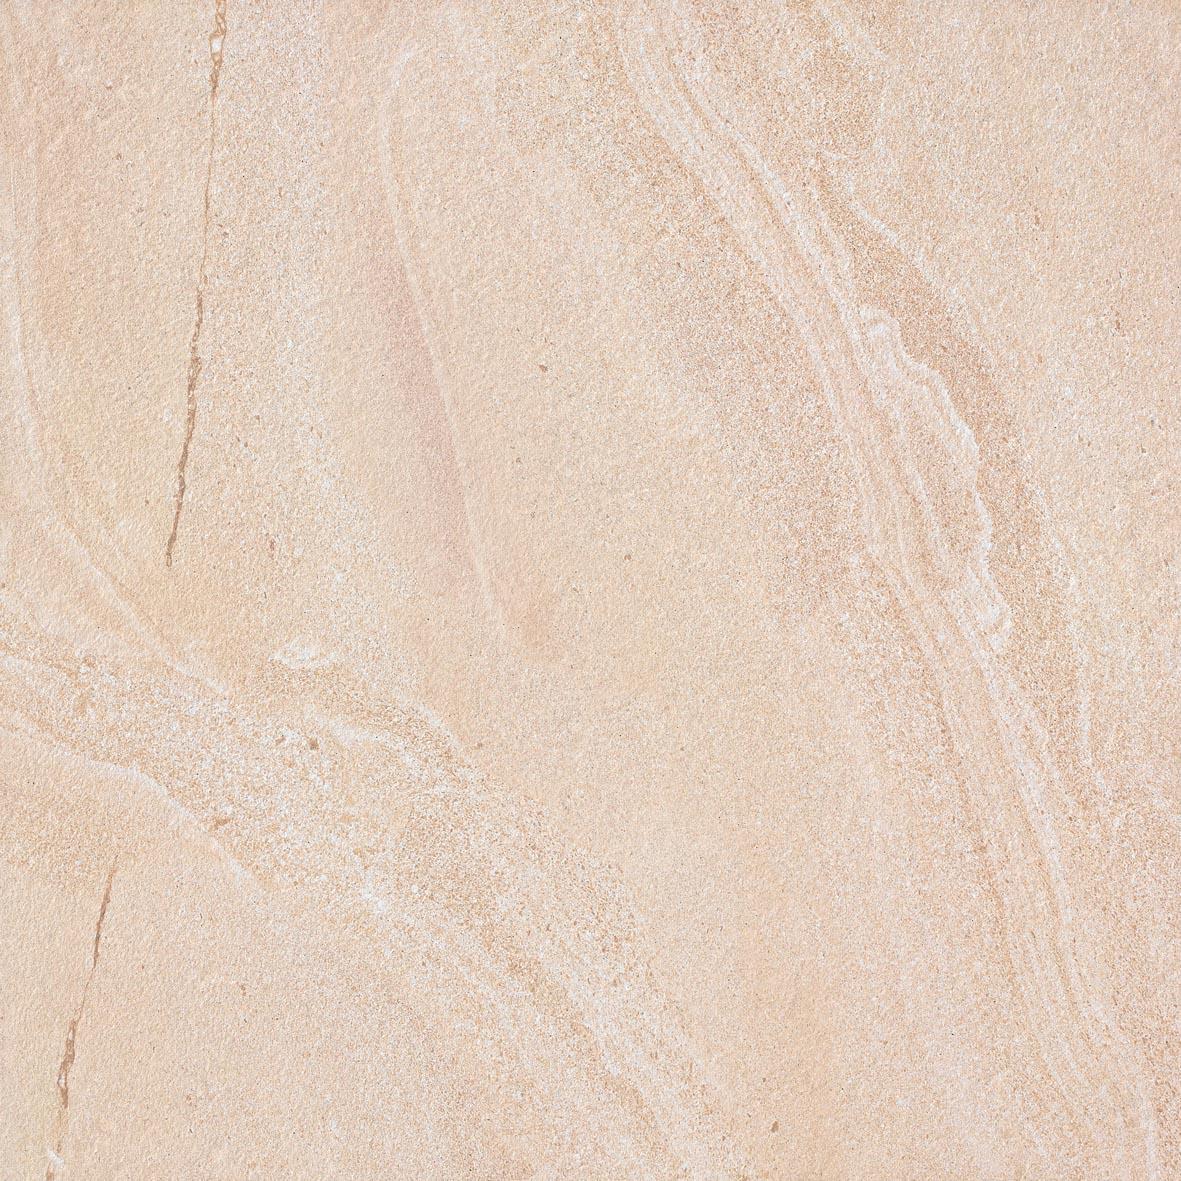 600x600mm Bondi Sand Swirl Look Porcelain Floor Tile (#5090)